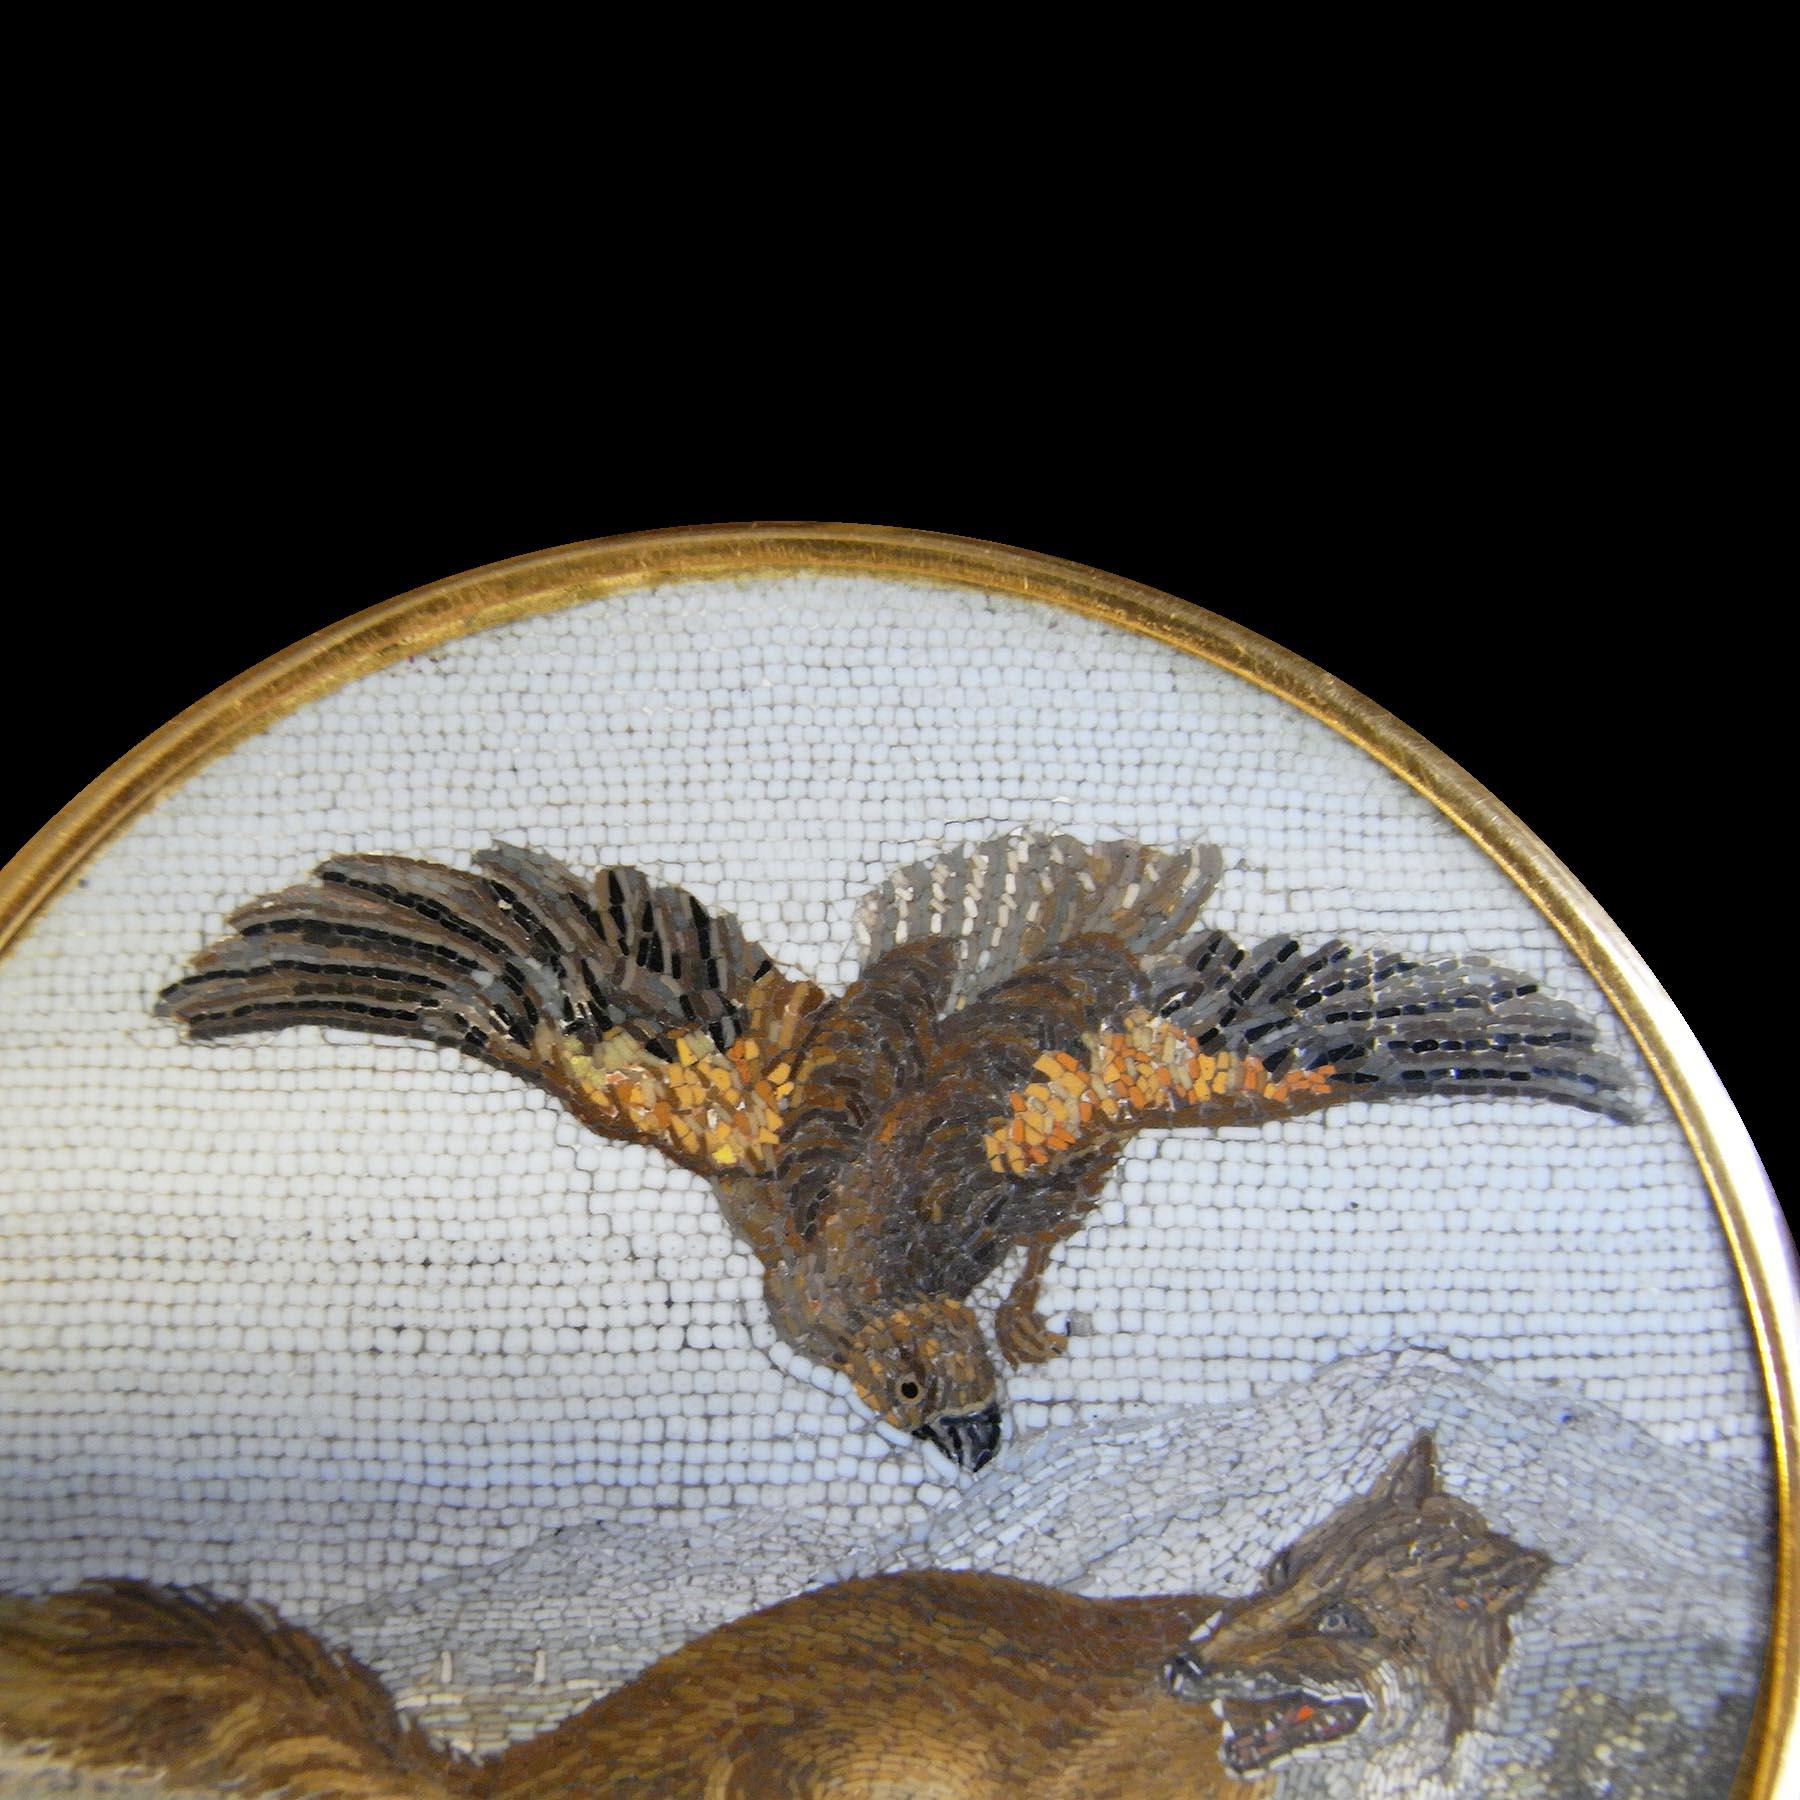 鷲と狐 18金製フレーム付ナポレオン帝政期アンティークローマンモザイク